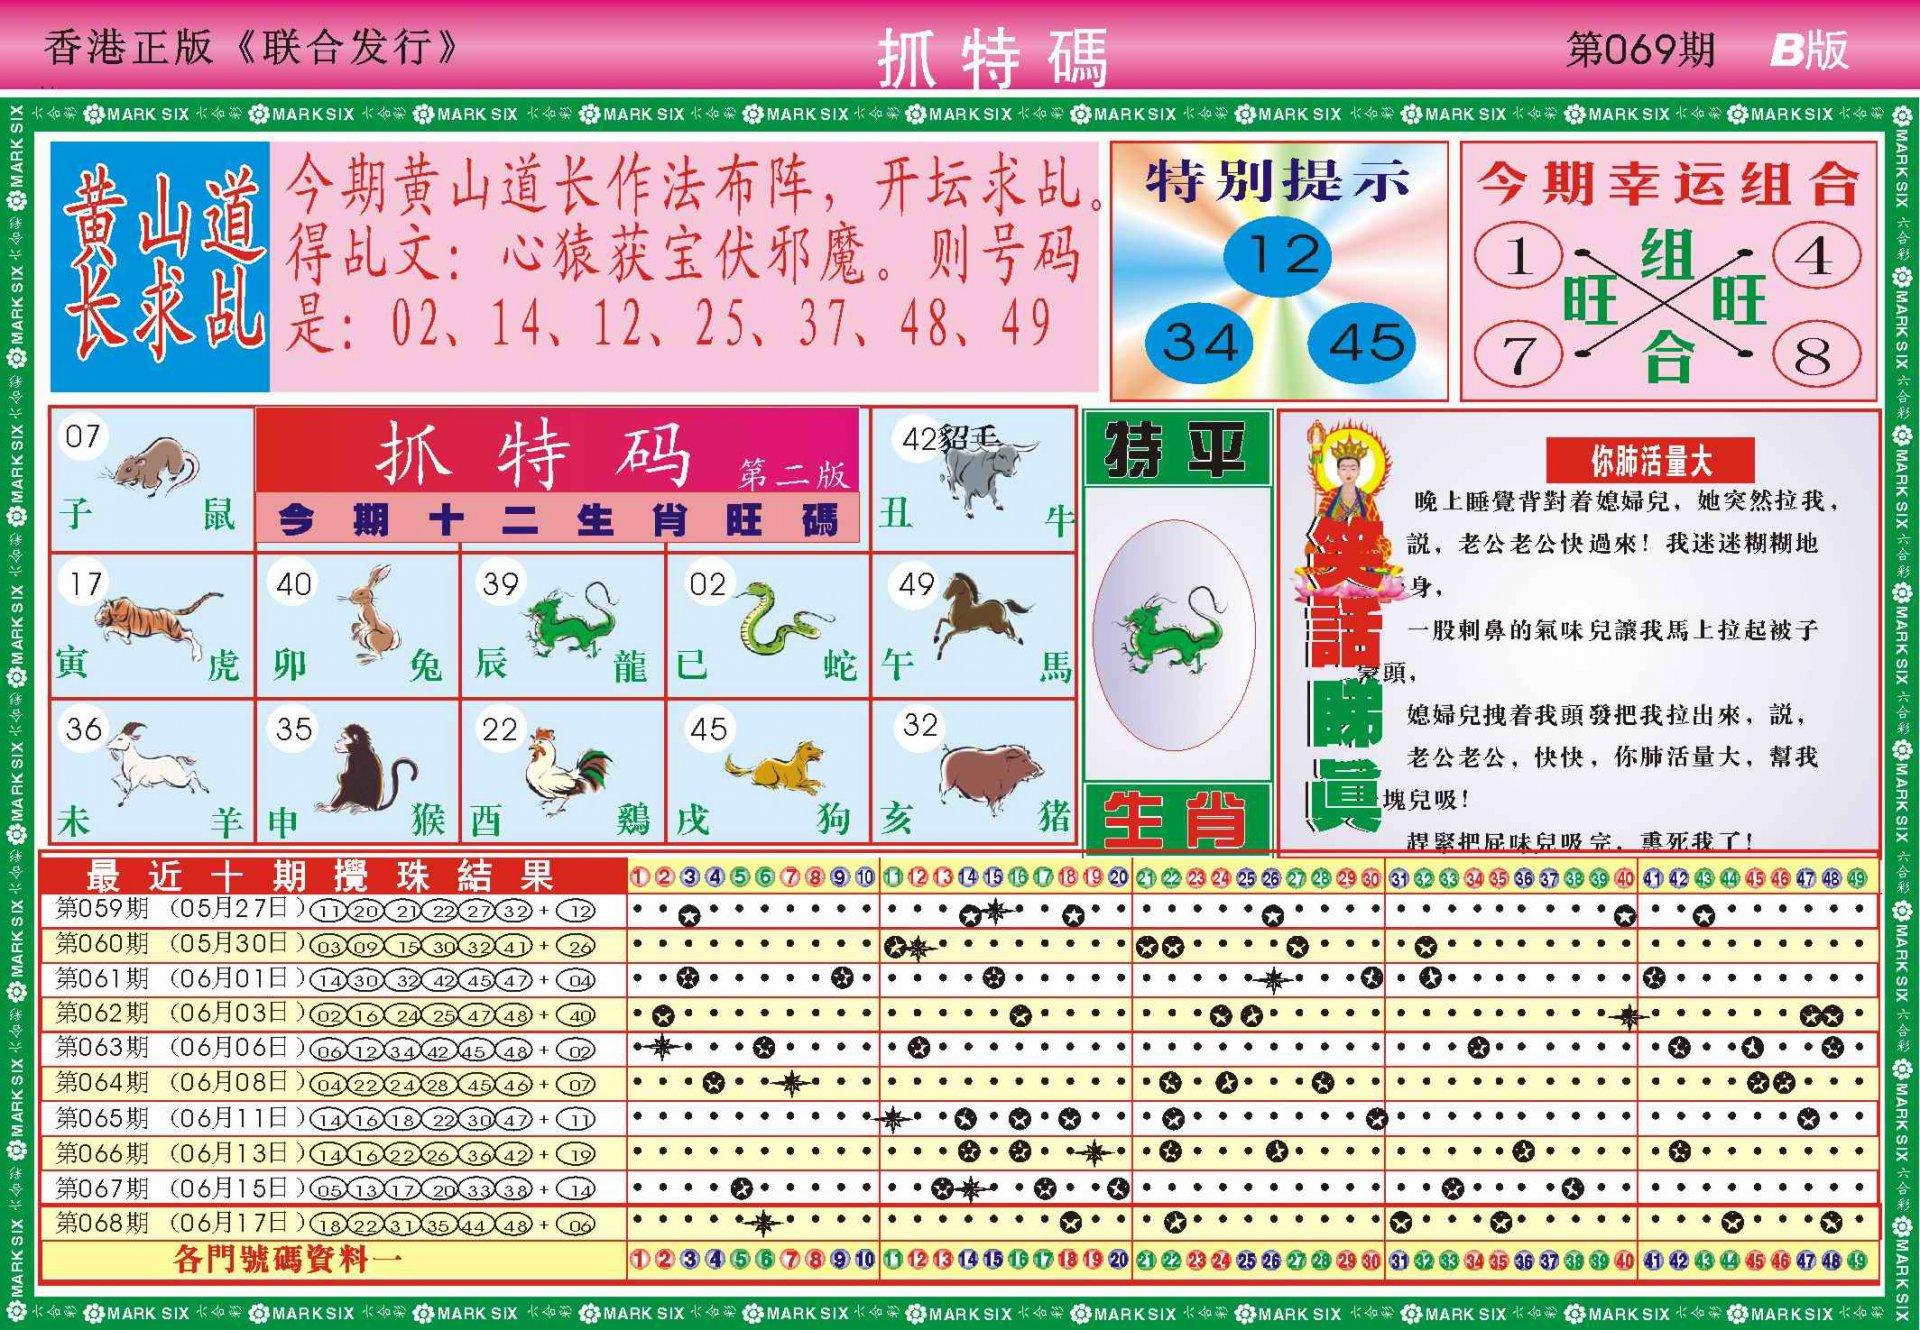 069期118抓特码B(新图)